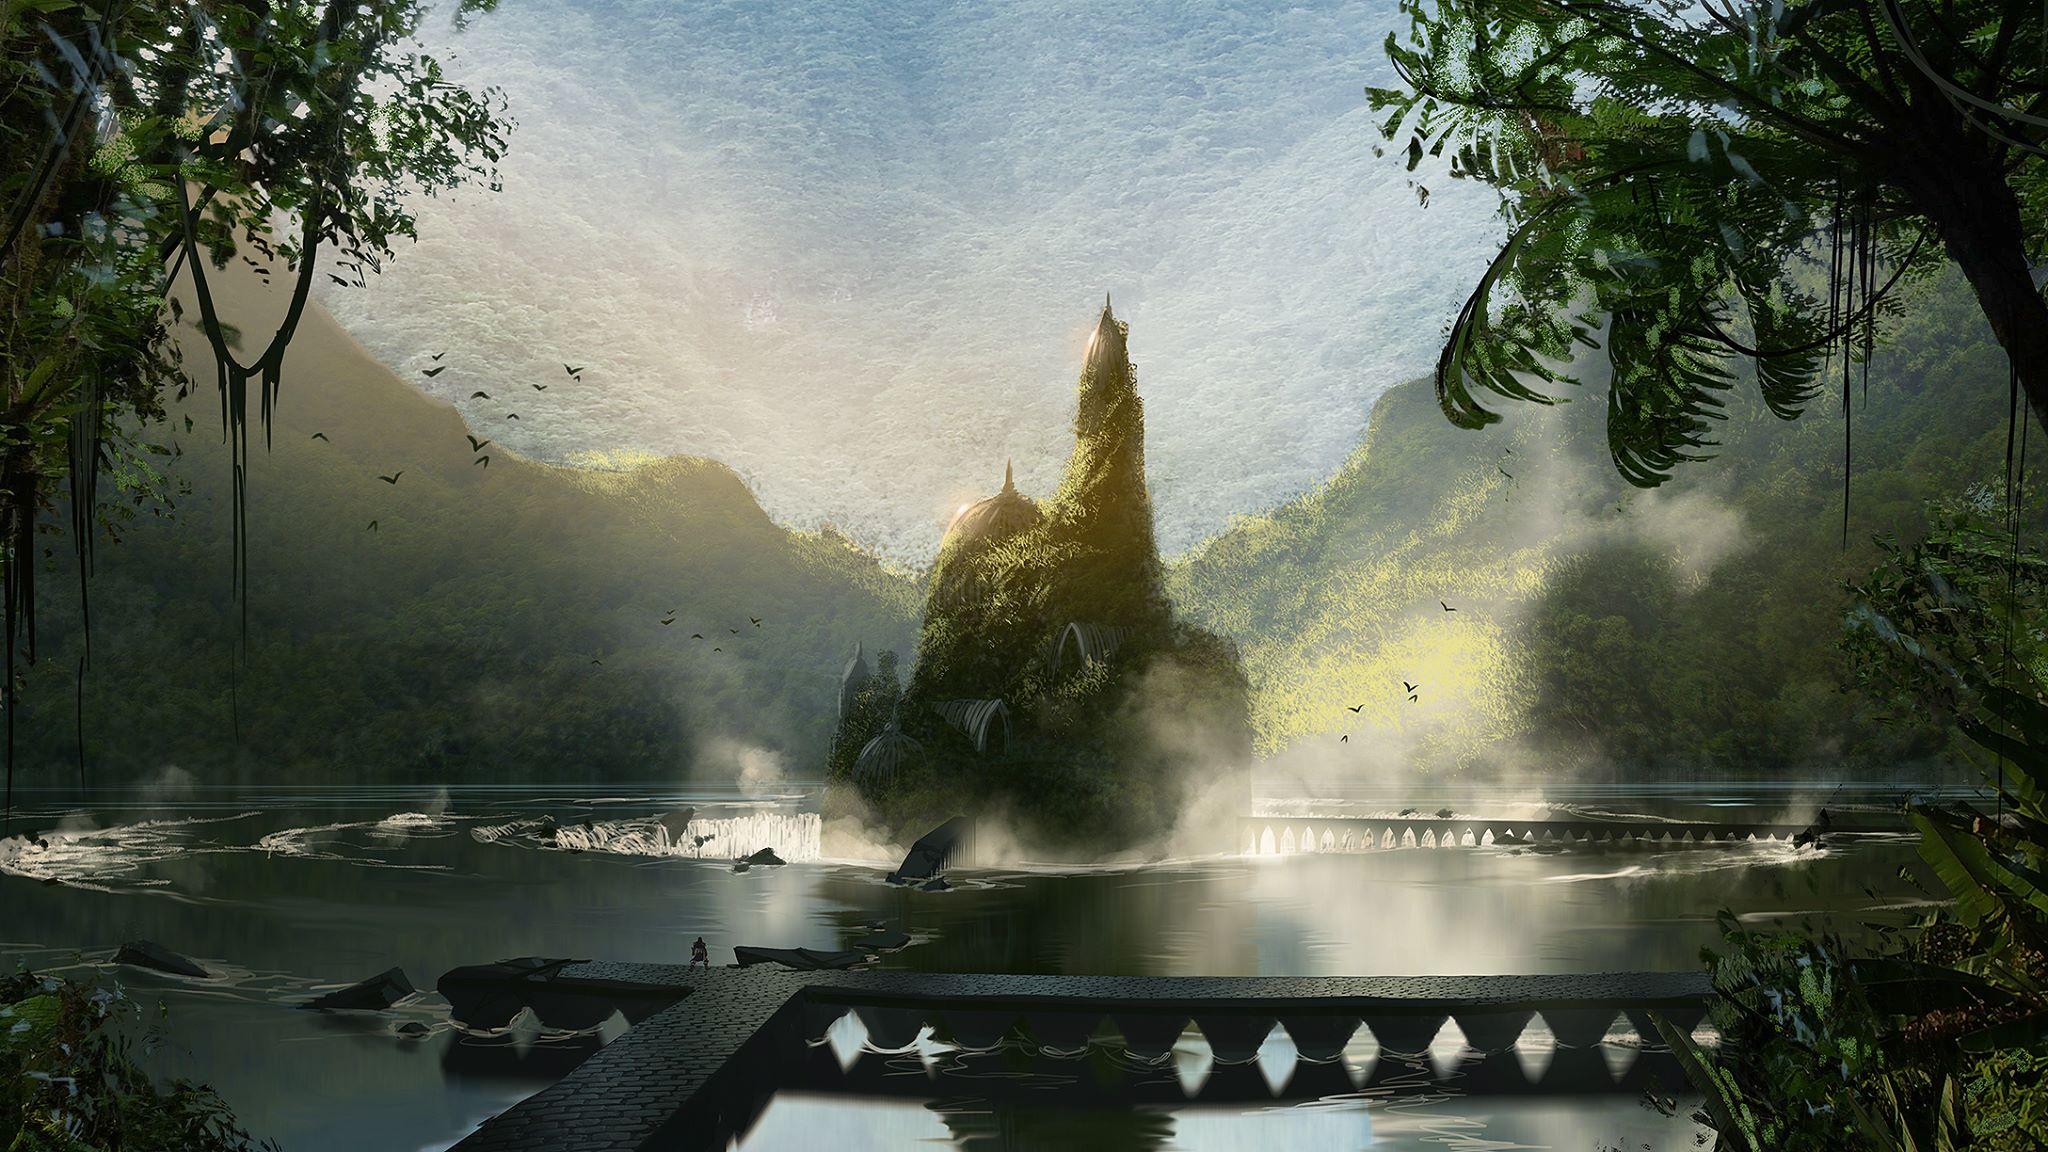 Dragon Age Inquisition Concept Art Shows Diverse